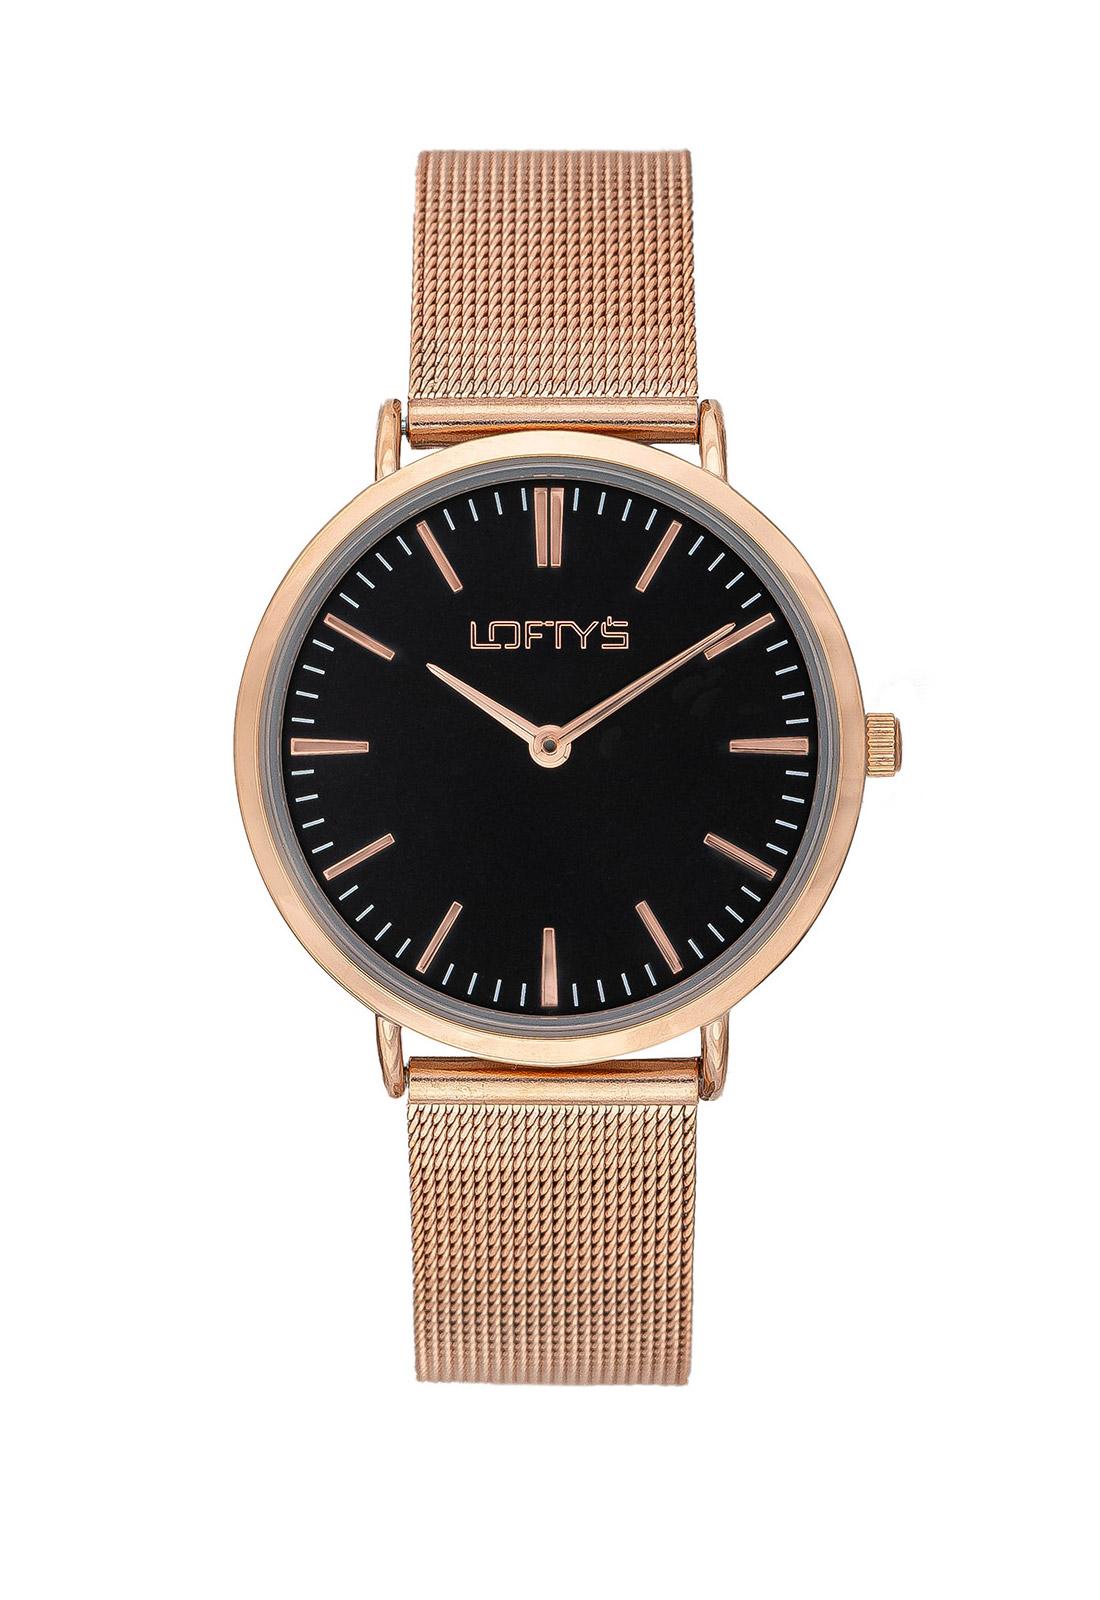 Ρολόι Loftys Corona Ροζ Χρυσό Μπρασελέ Μαύρο Καντράν Y2016-14